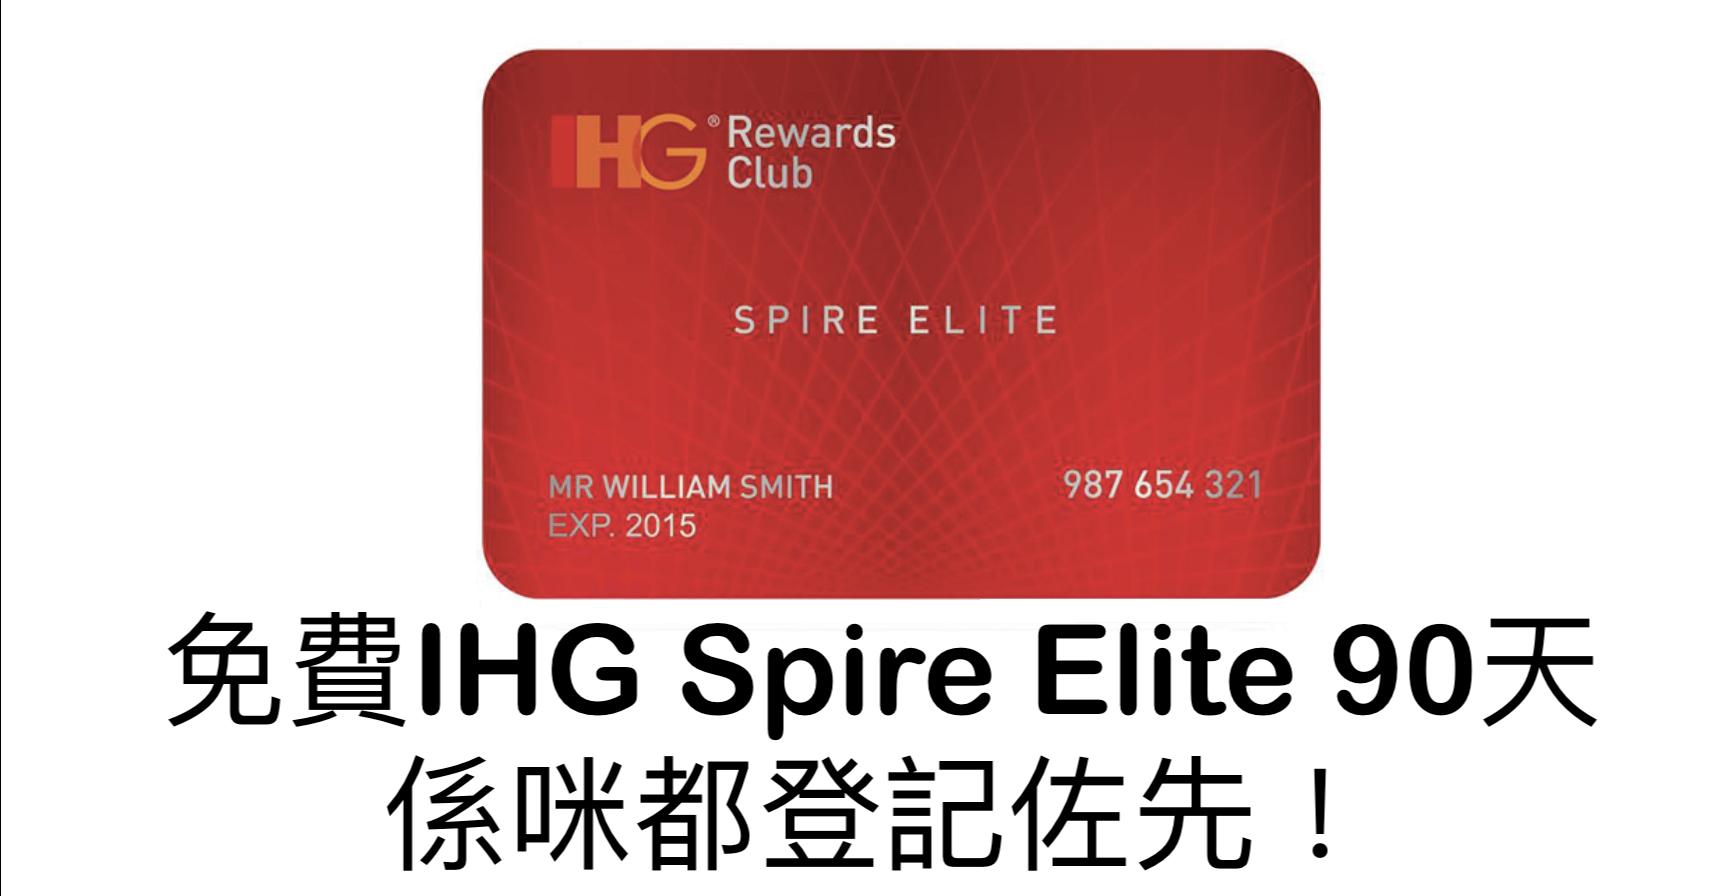 快手!免費IHG Spire Elite 90天!住唔住都登記佐先!